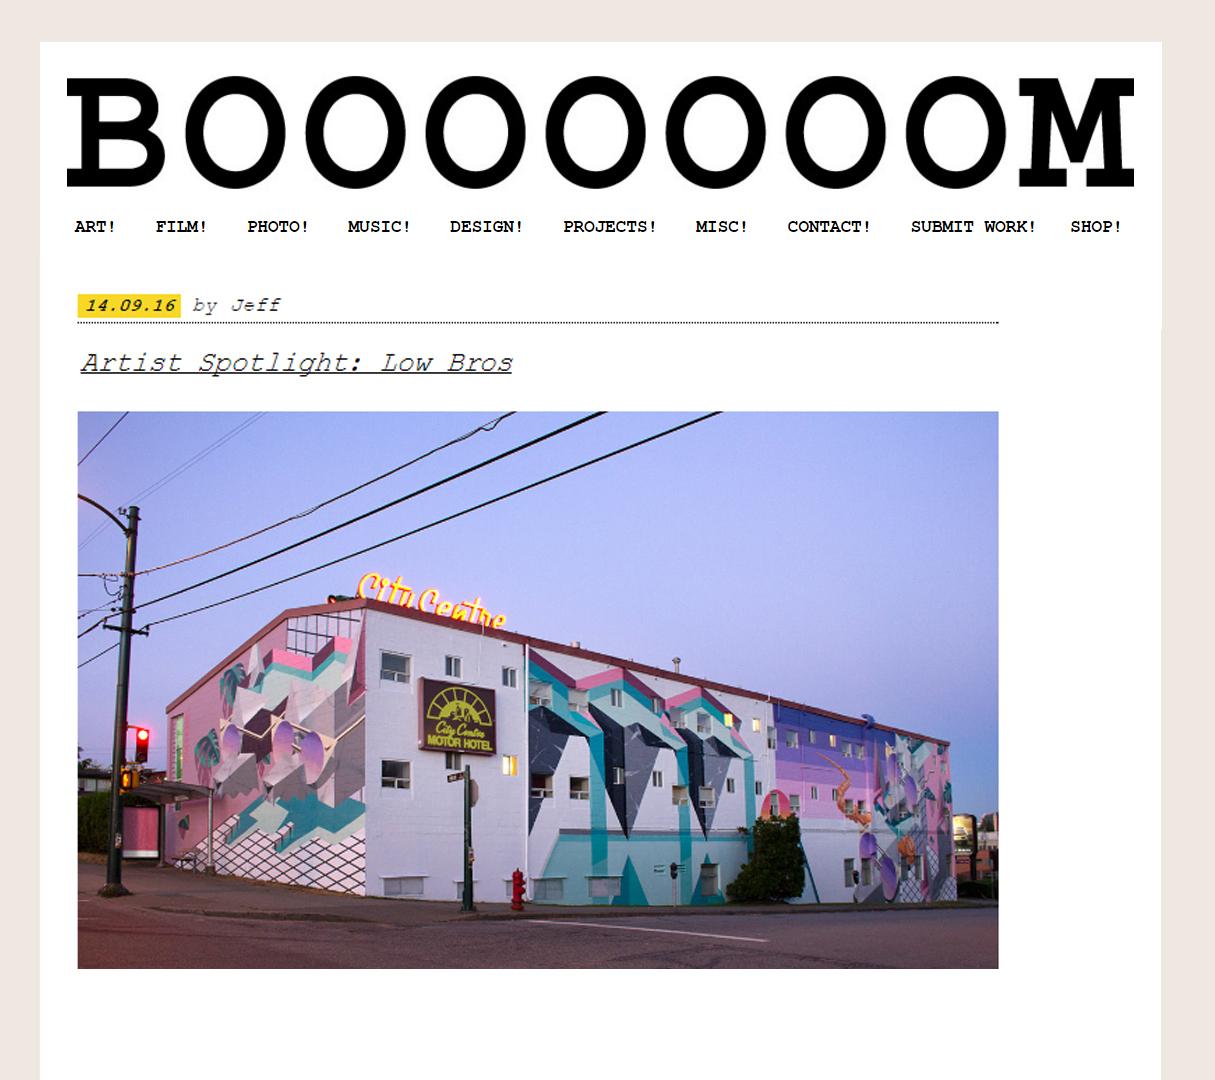 LOW BROS BOOOOOOOM